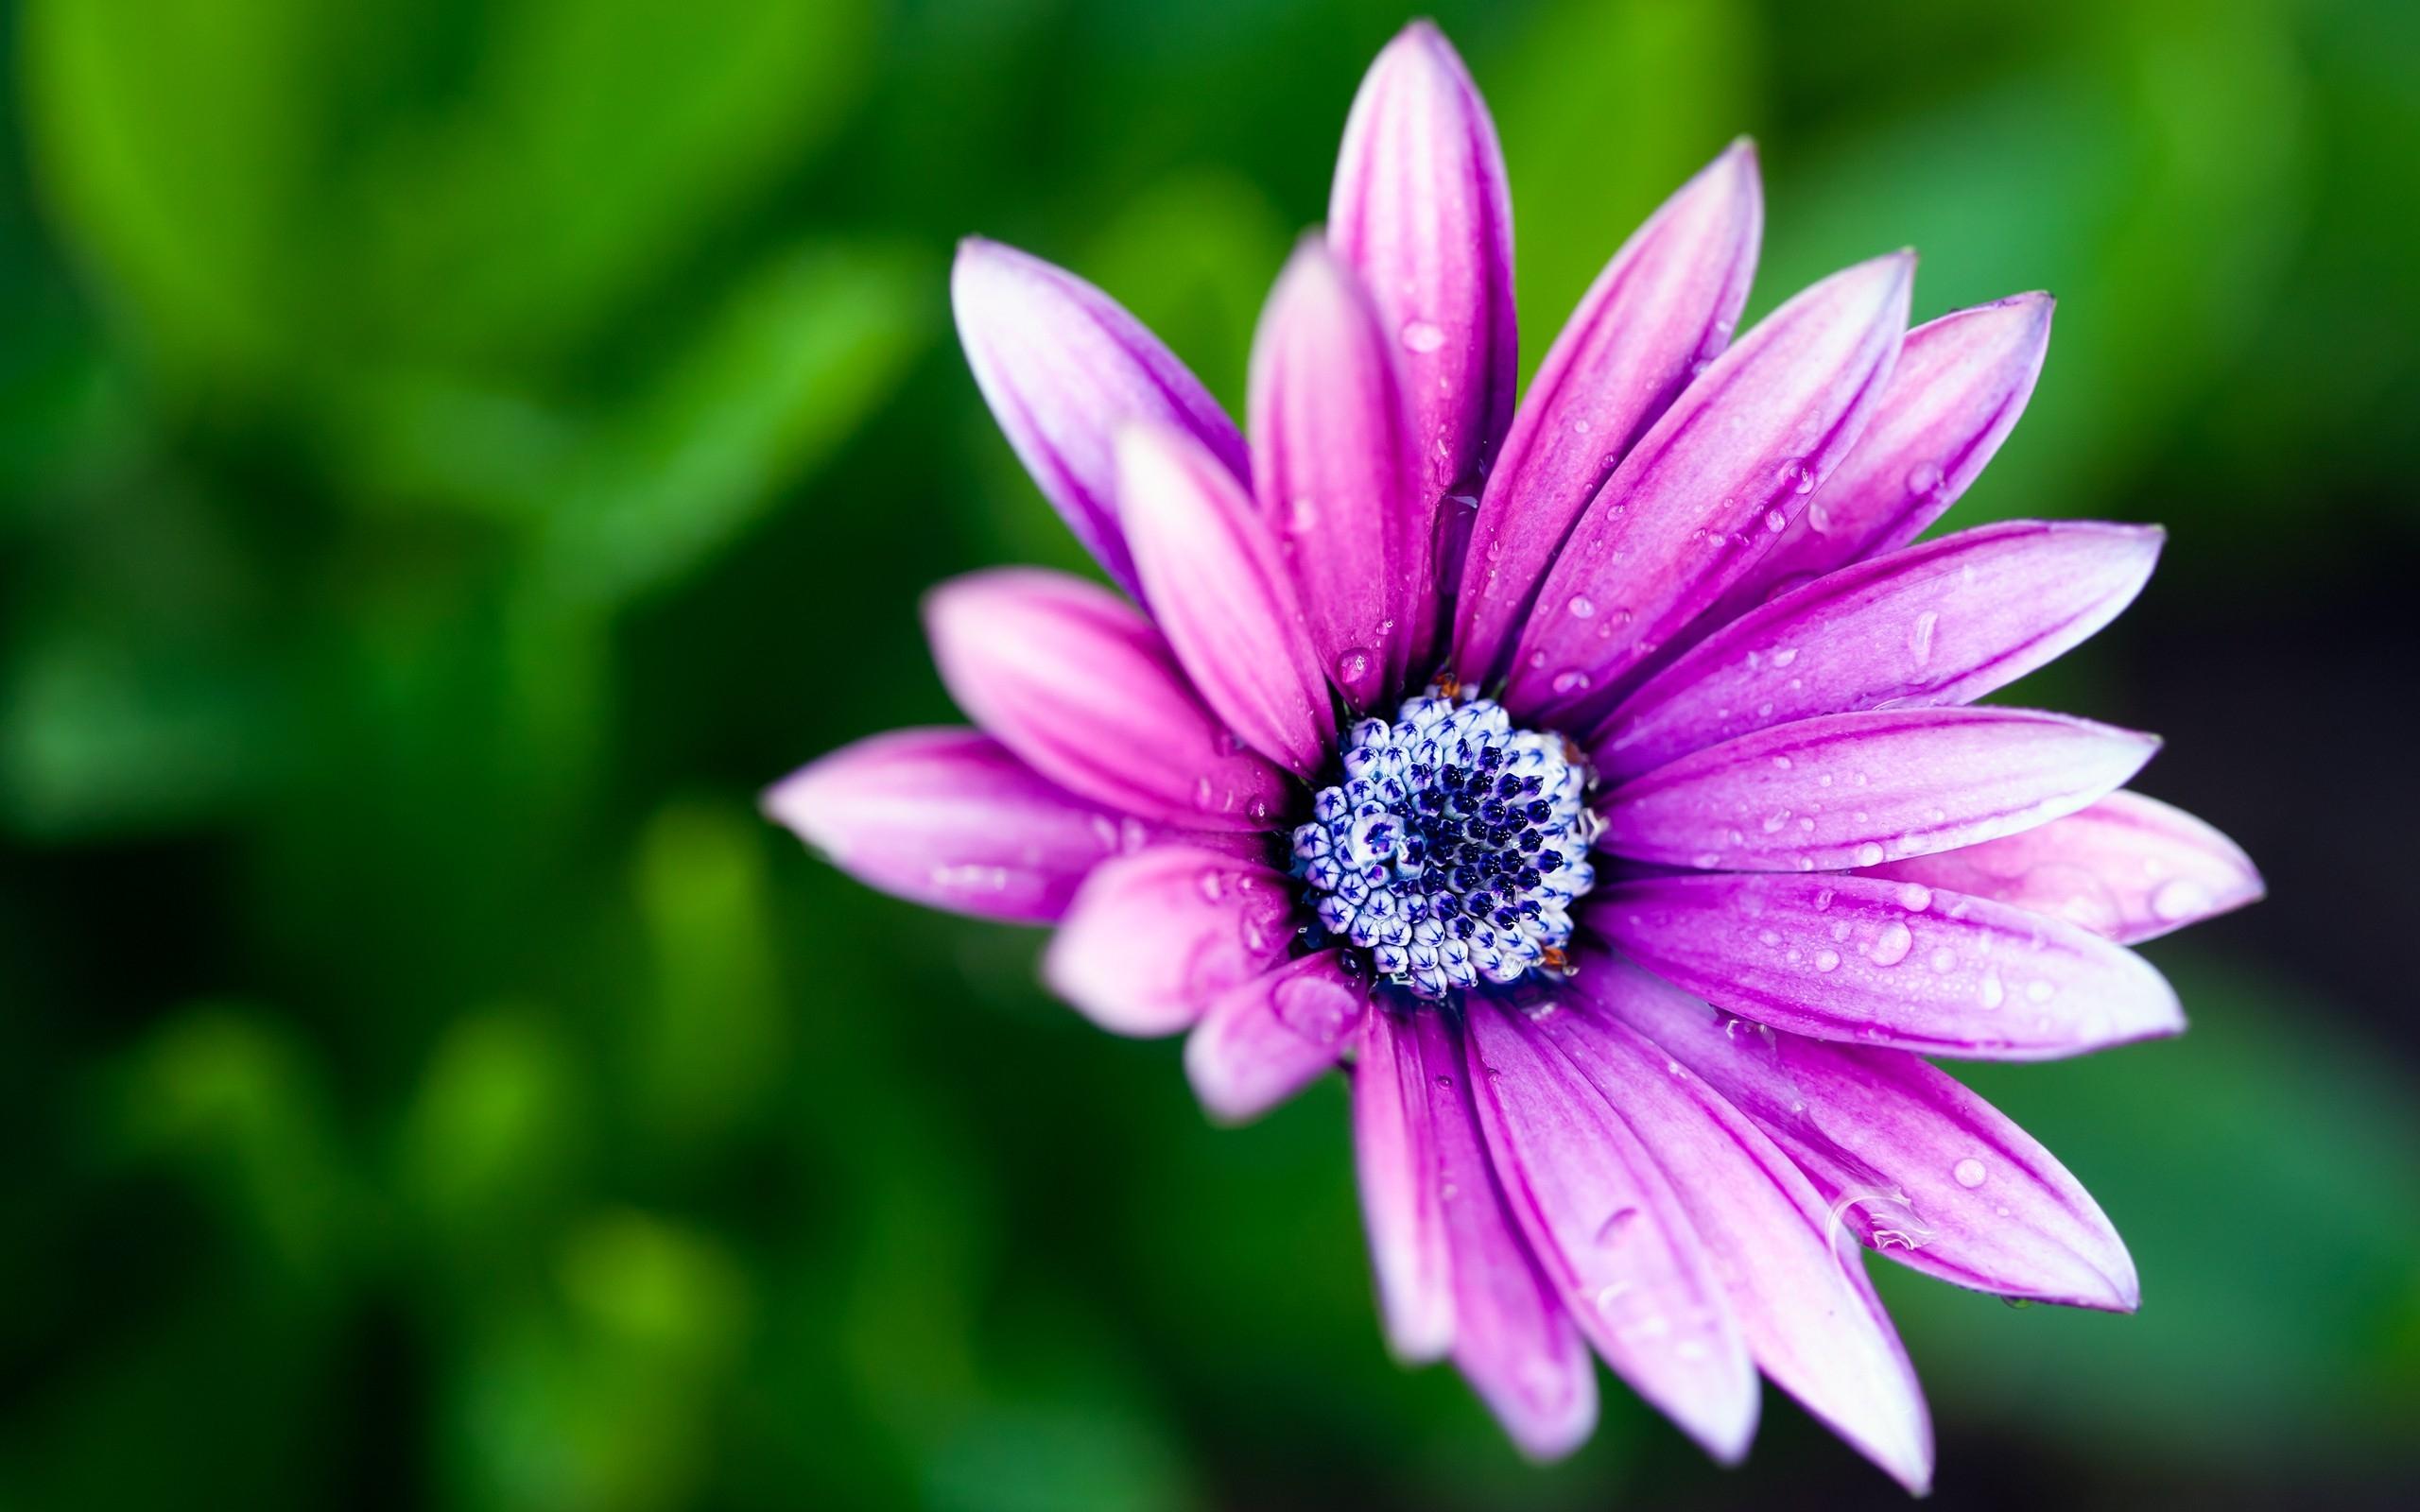 кенона картинки красивые цветы большой формат которые делают